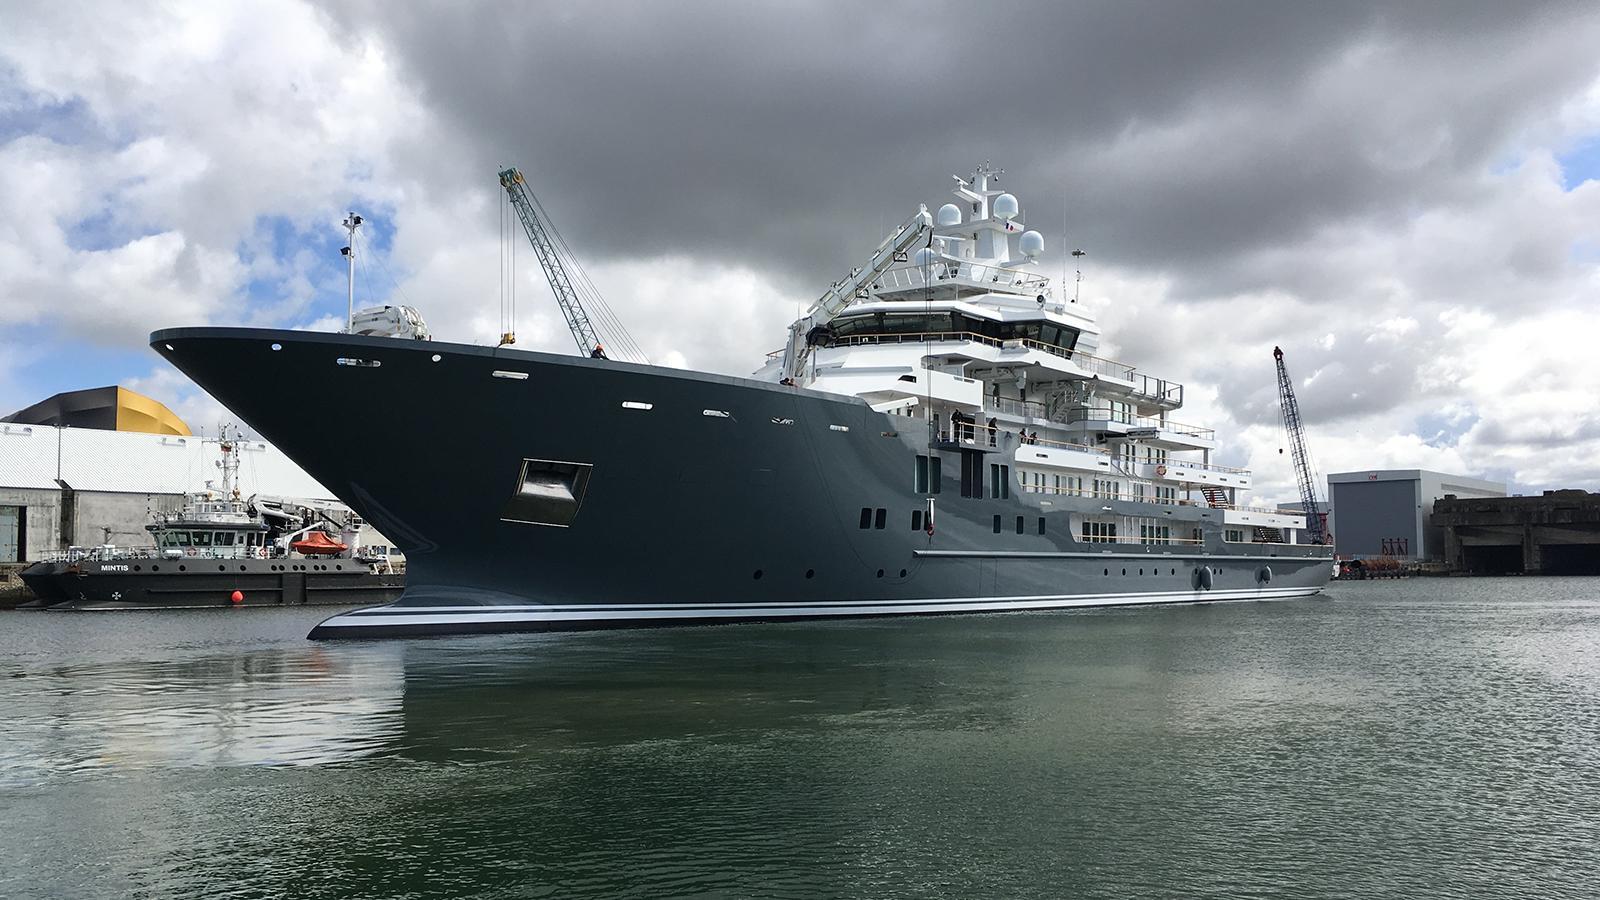 andromeda-ulysses-explorer-yacht-kleven-2015-107m-half-profile-after-refit